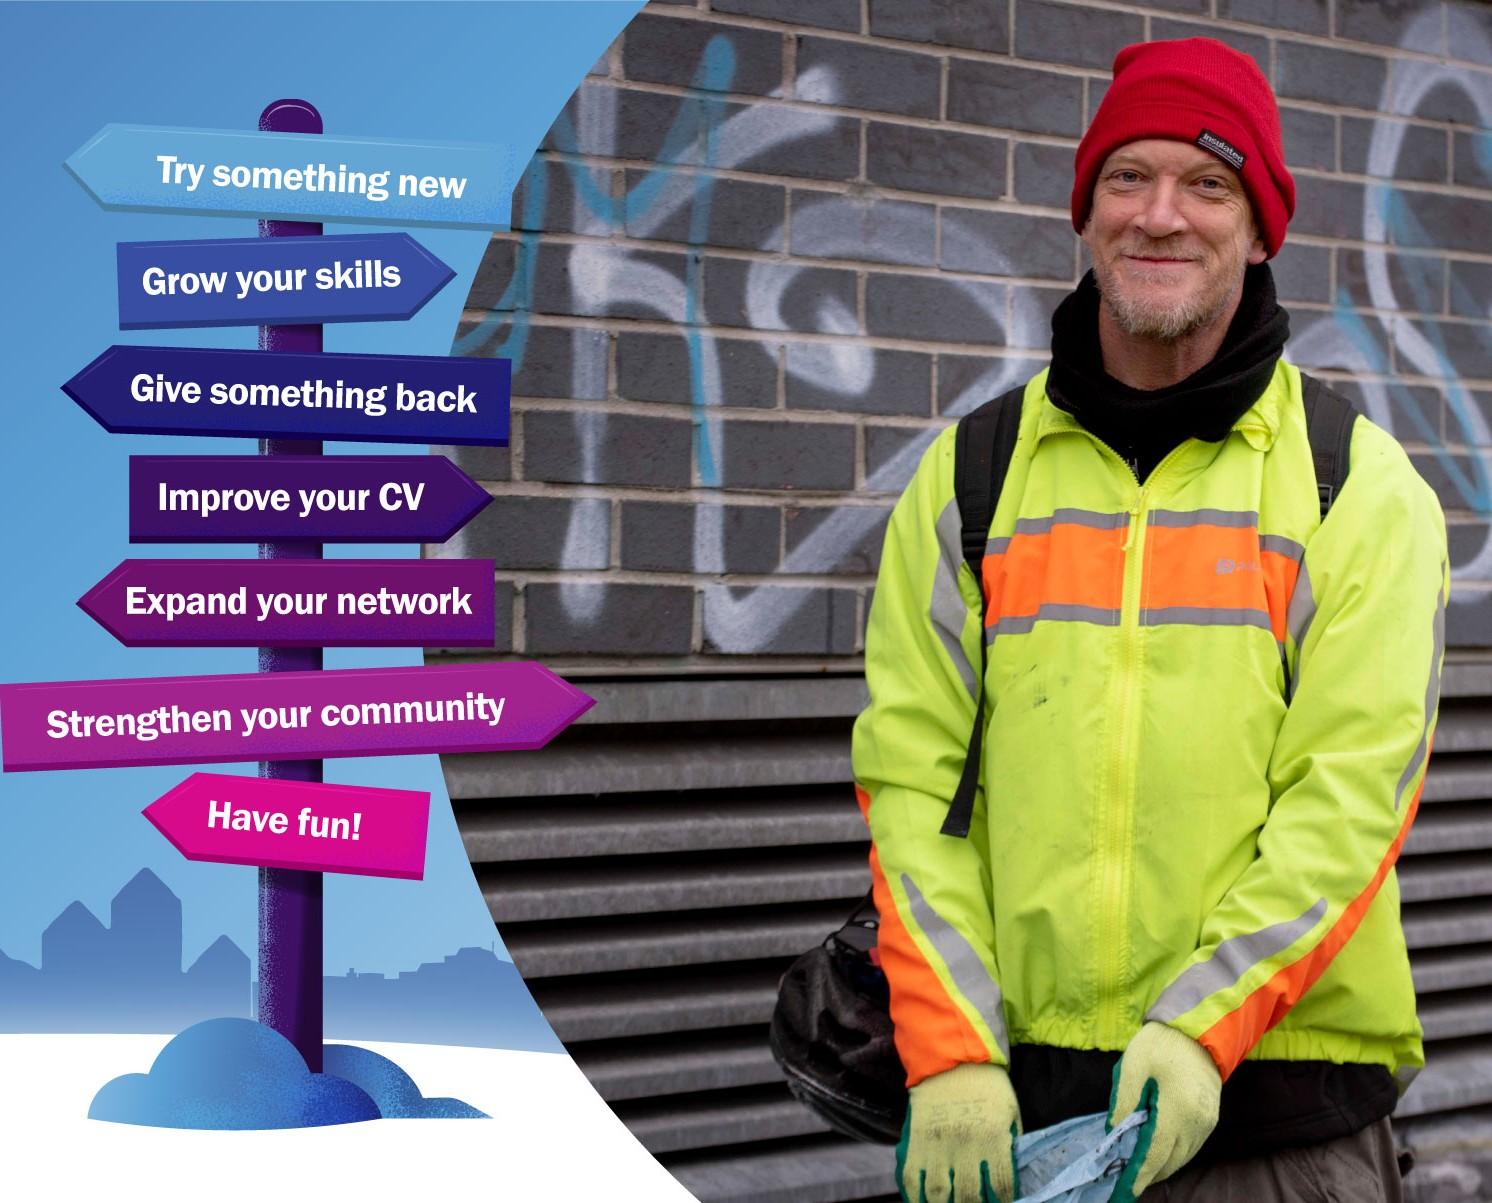 Volunteering while unemployed